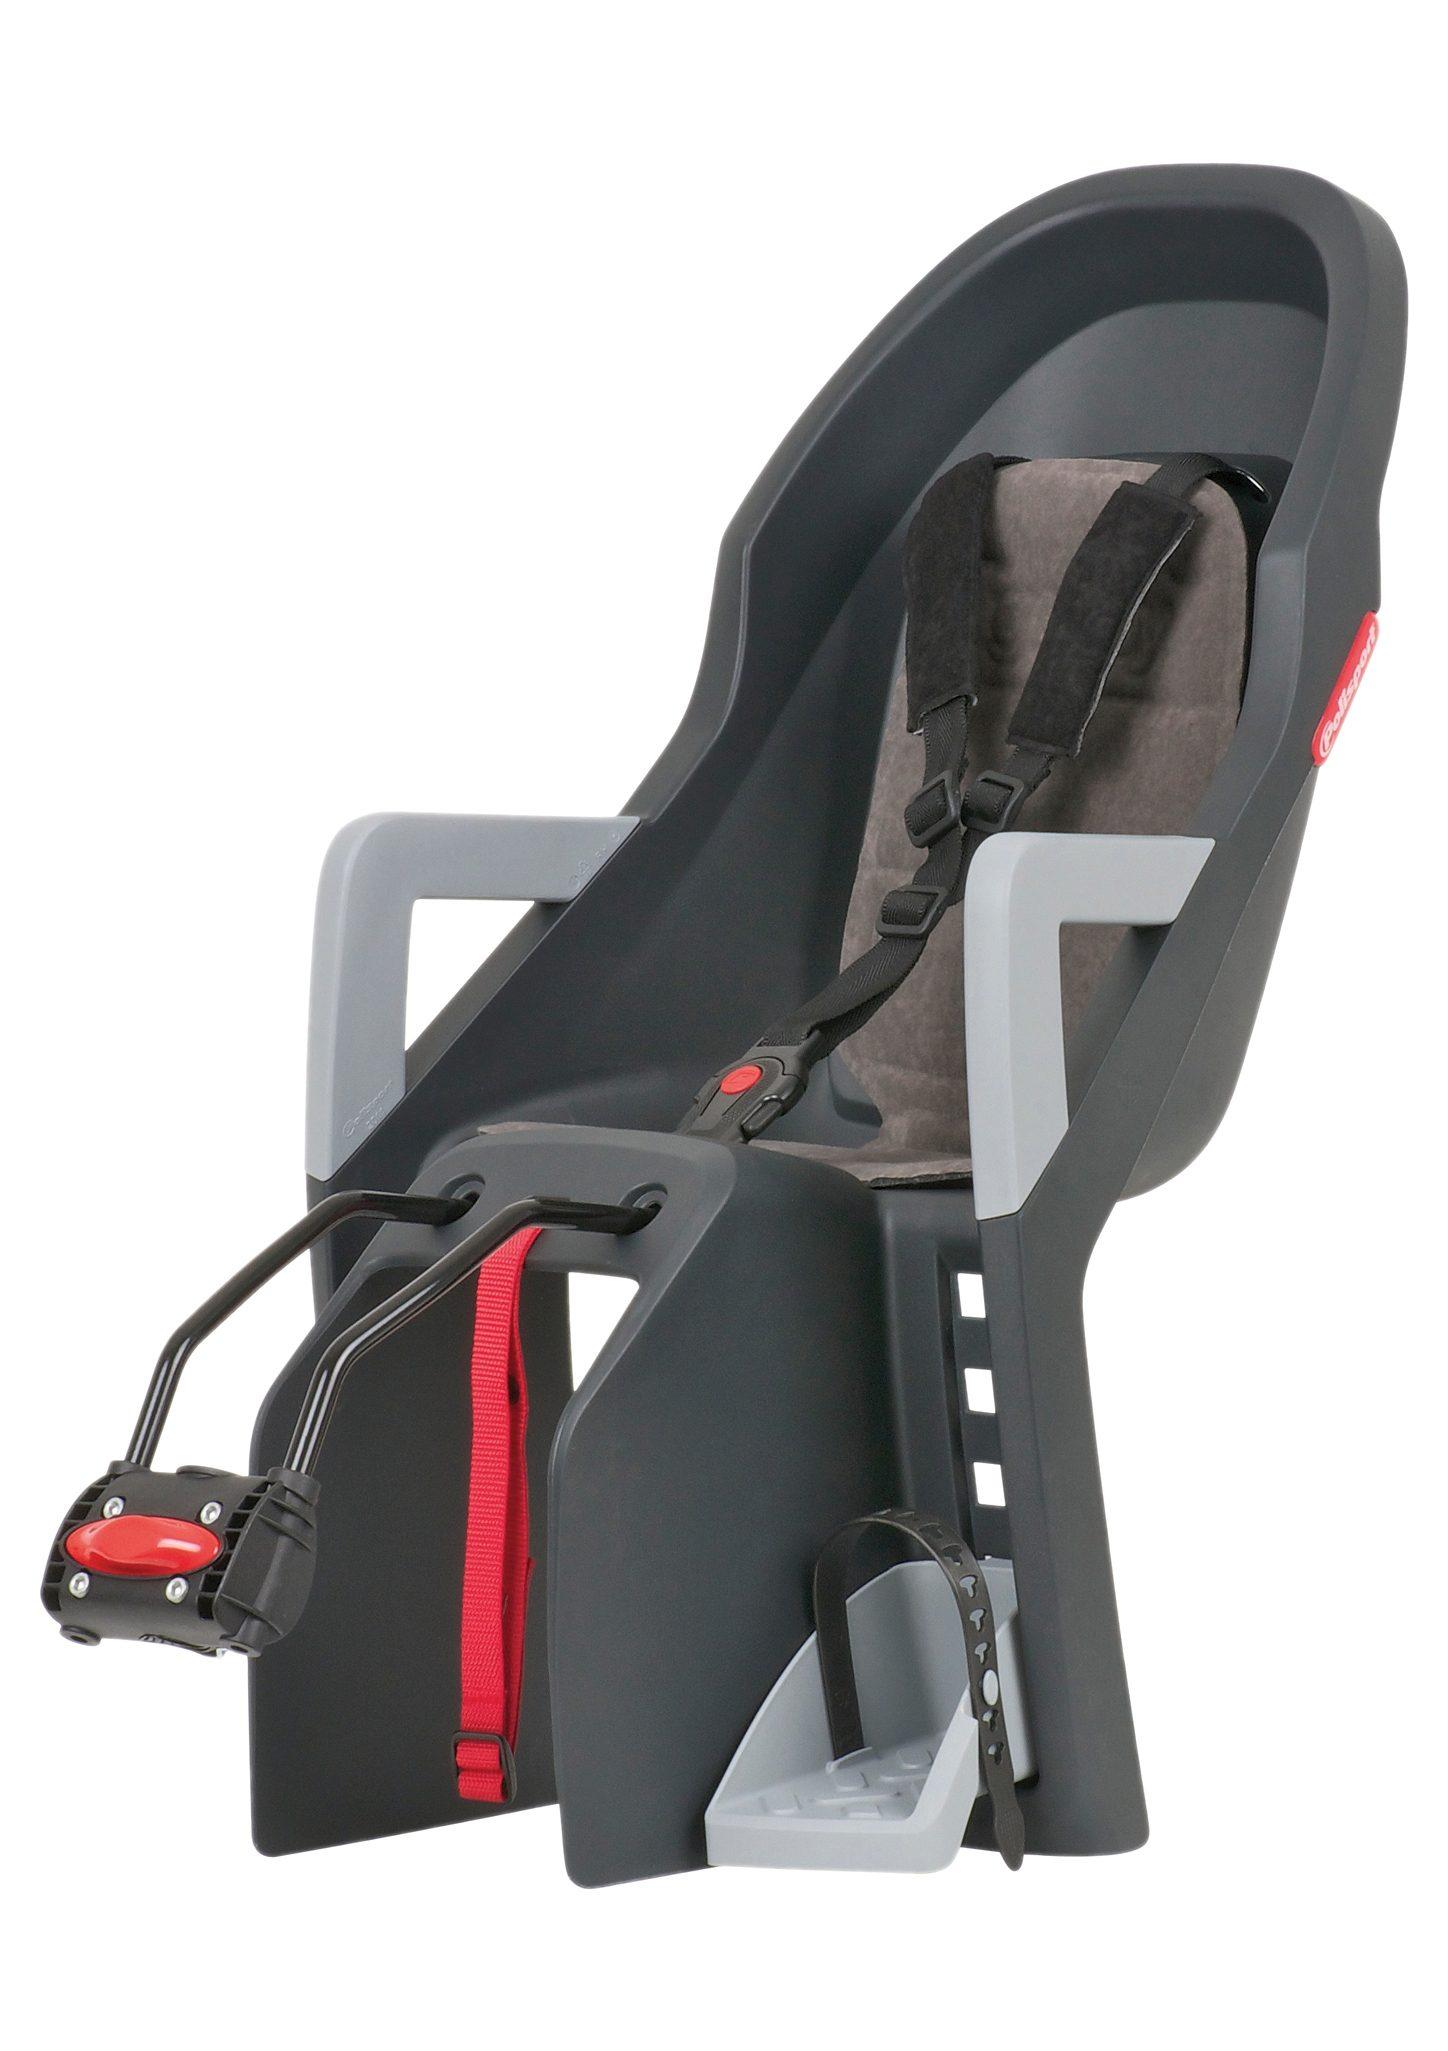 Polisport Fahrrad Kindersitz, dunkelgrau-grau, »Guppy Maxi«